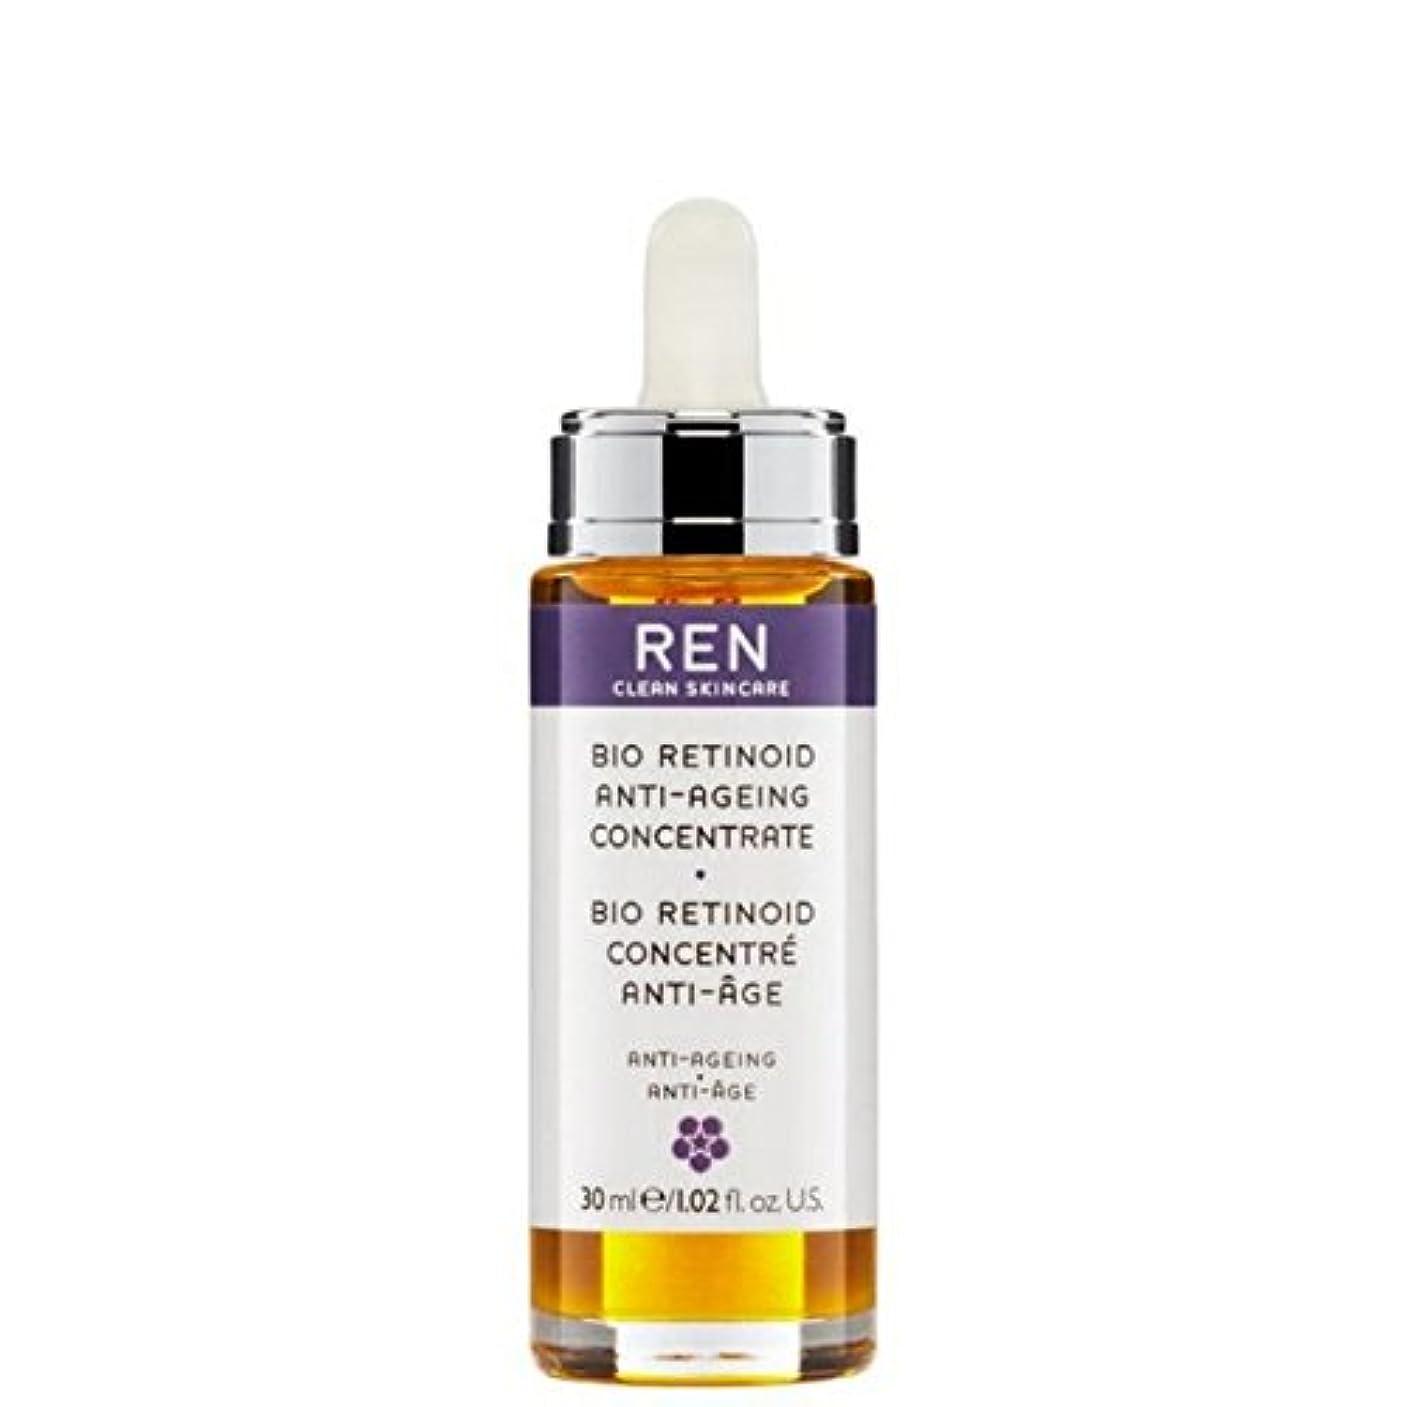 知事グローブ構造的バイオレチノイド抗しわ濃縮油 x2 - REN Bio Retinoid Anti-Wrinkle Concentrate Oil (Pack of 2) [並行輸入品]